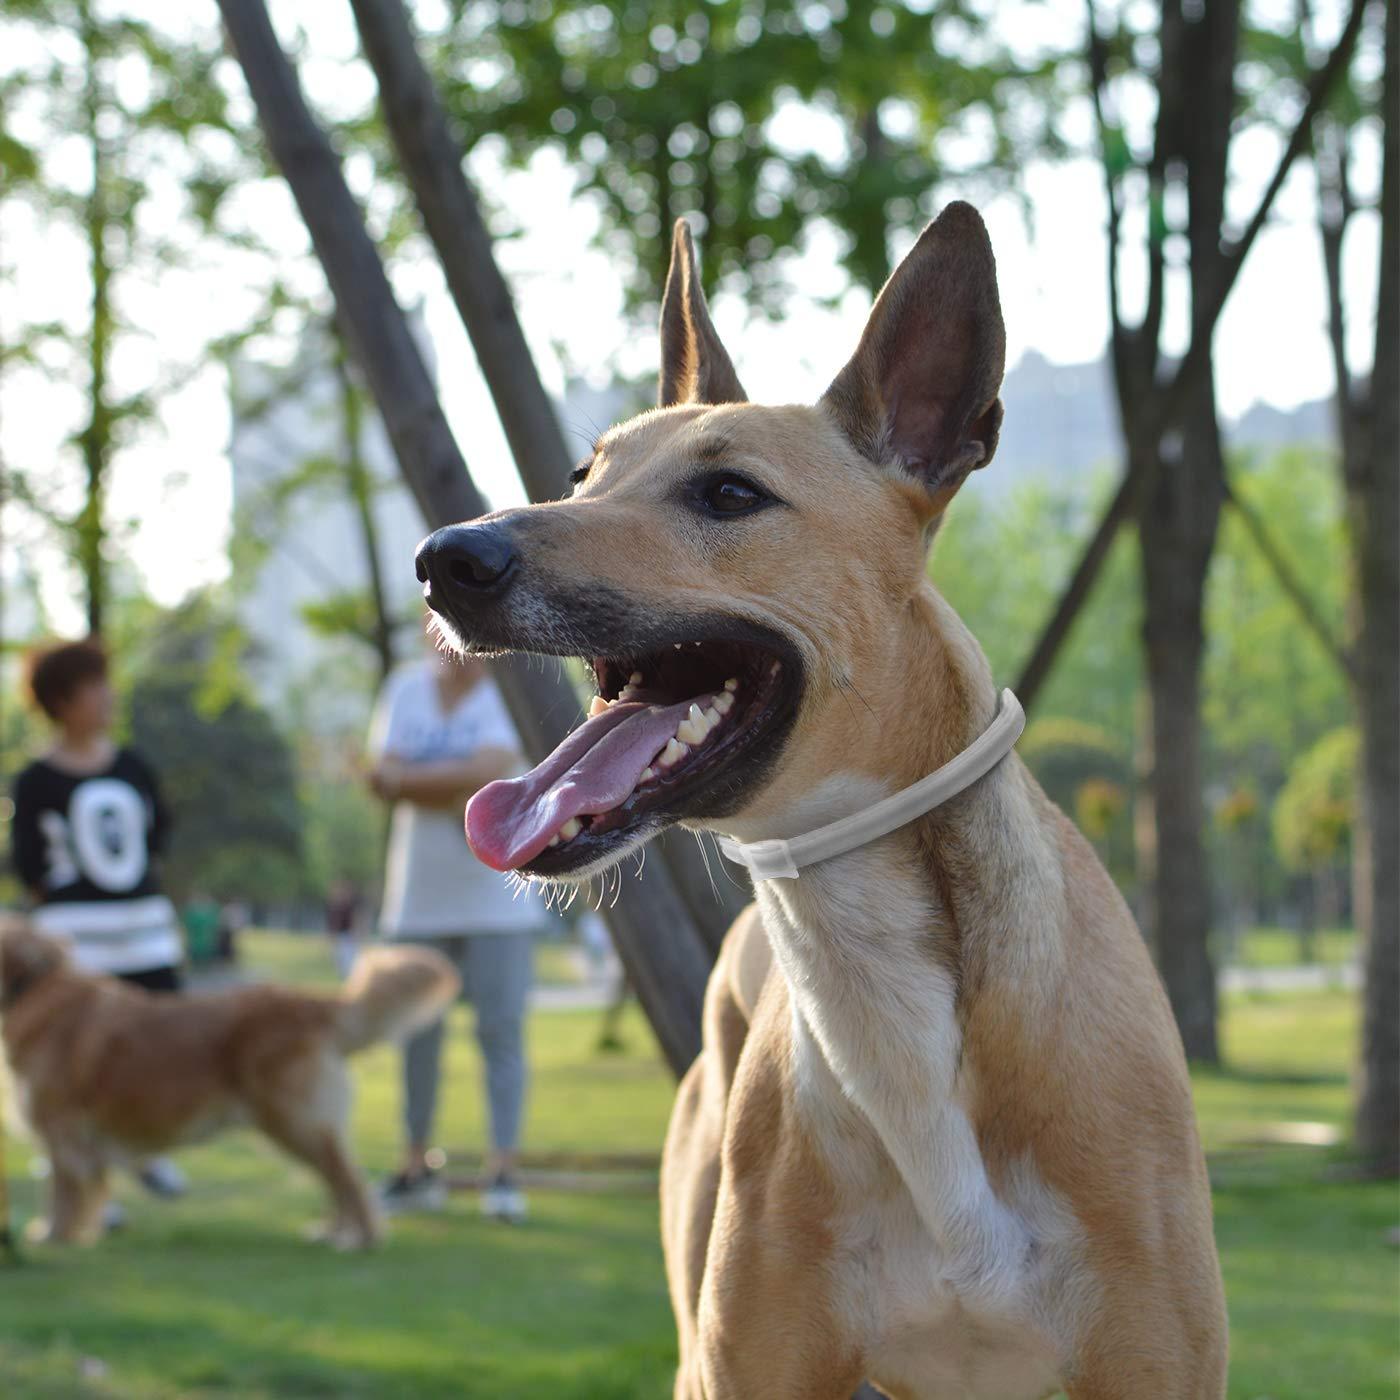 MagicHome Collar Antiparasitario para Perros contra Pulgas, Garrapatas y Mosquitos para Perros Adultos: Amazon.es: Bricolaje y herramientas